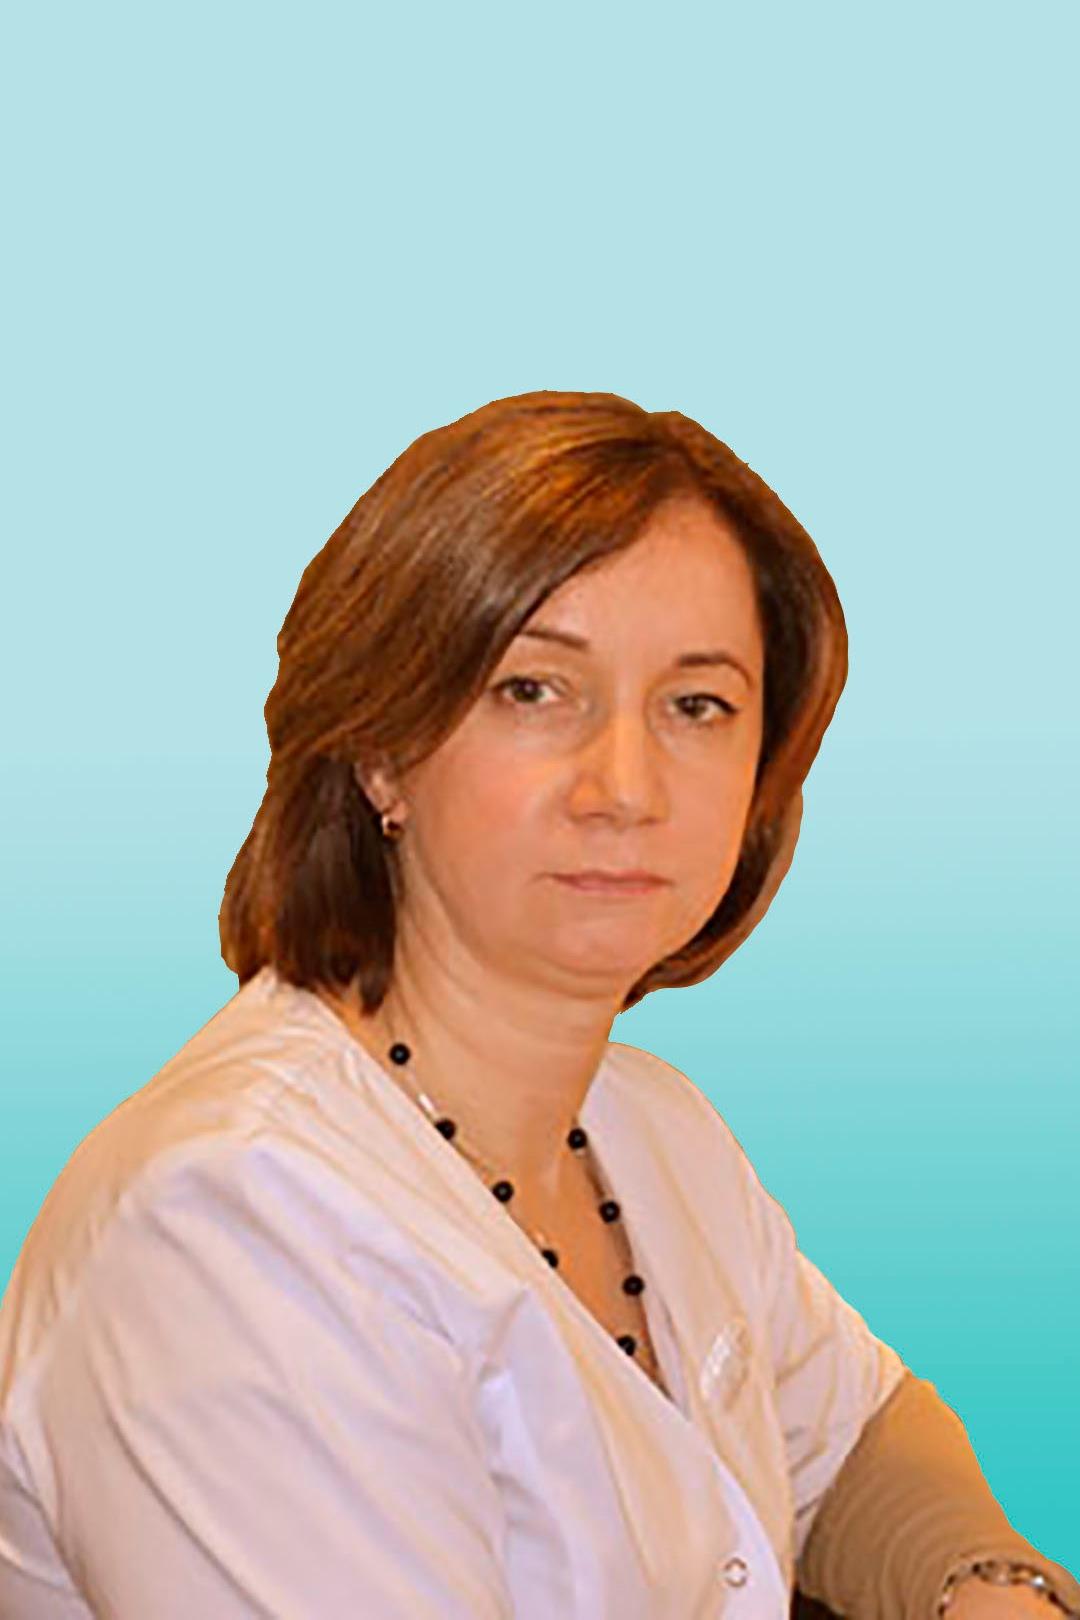 Врач эндокринолог Павлова Мария Геннадьевна